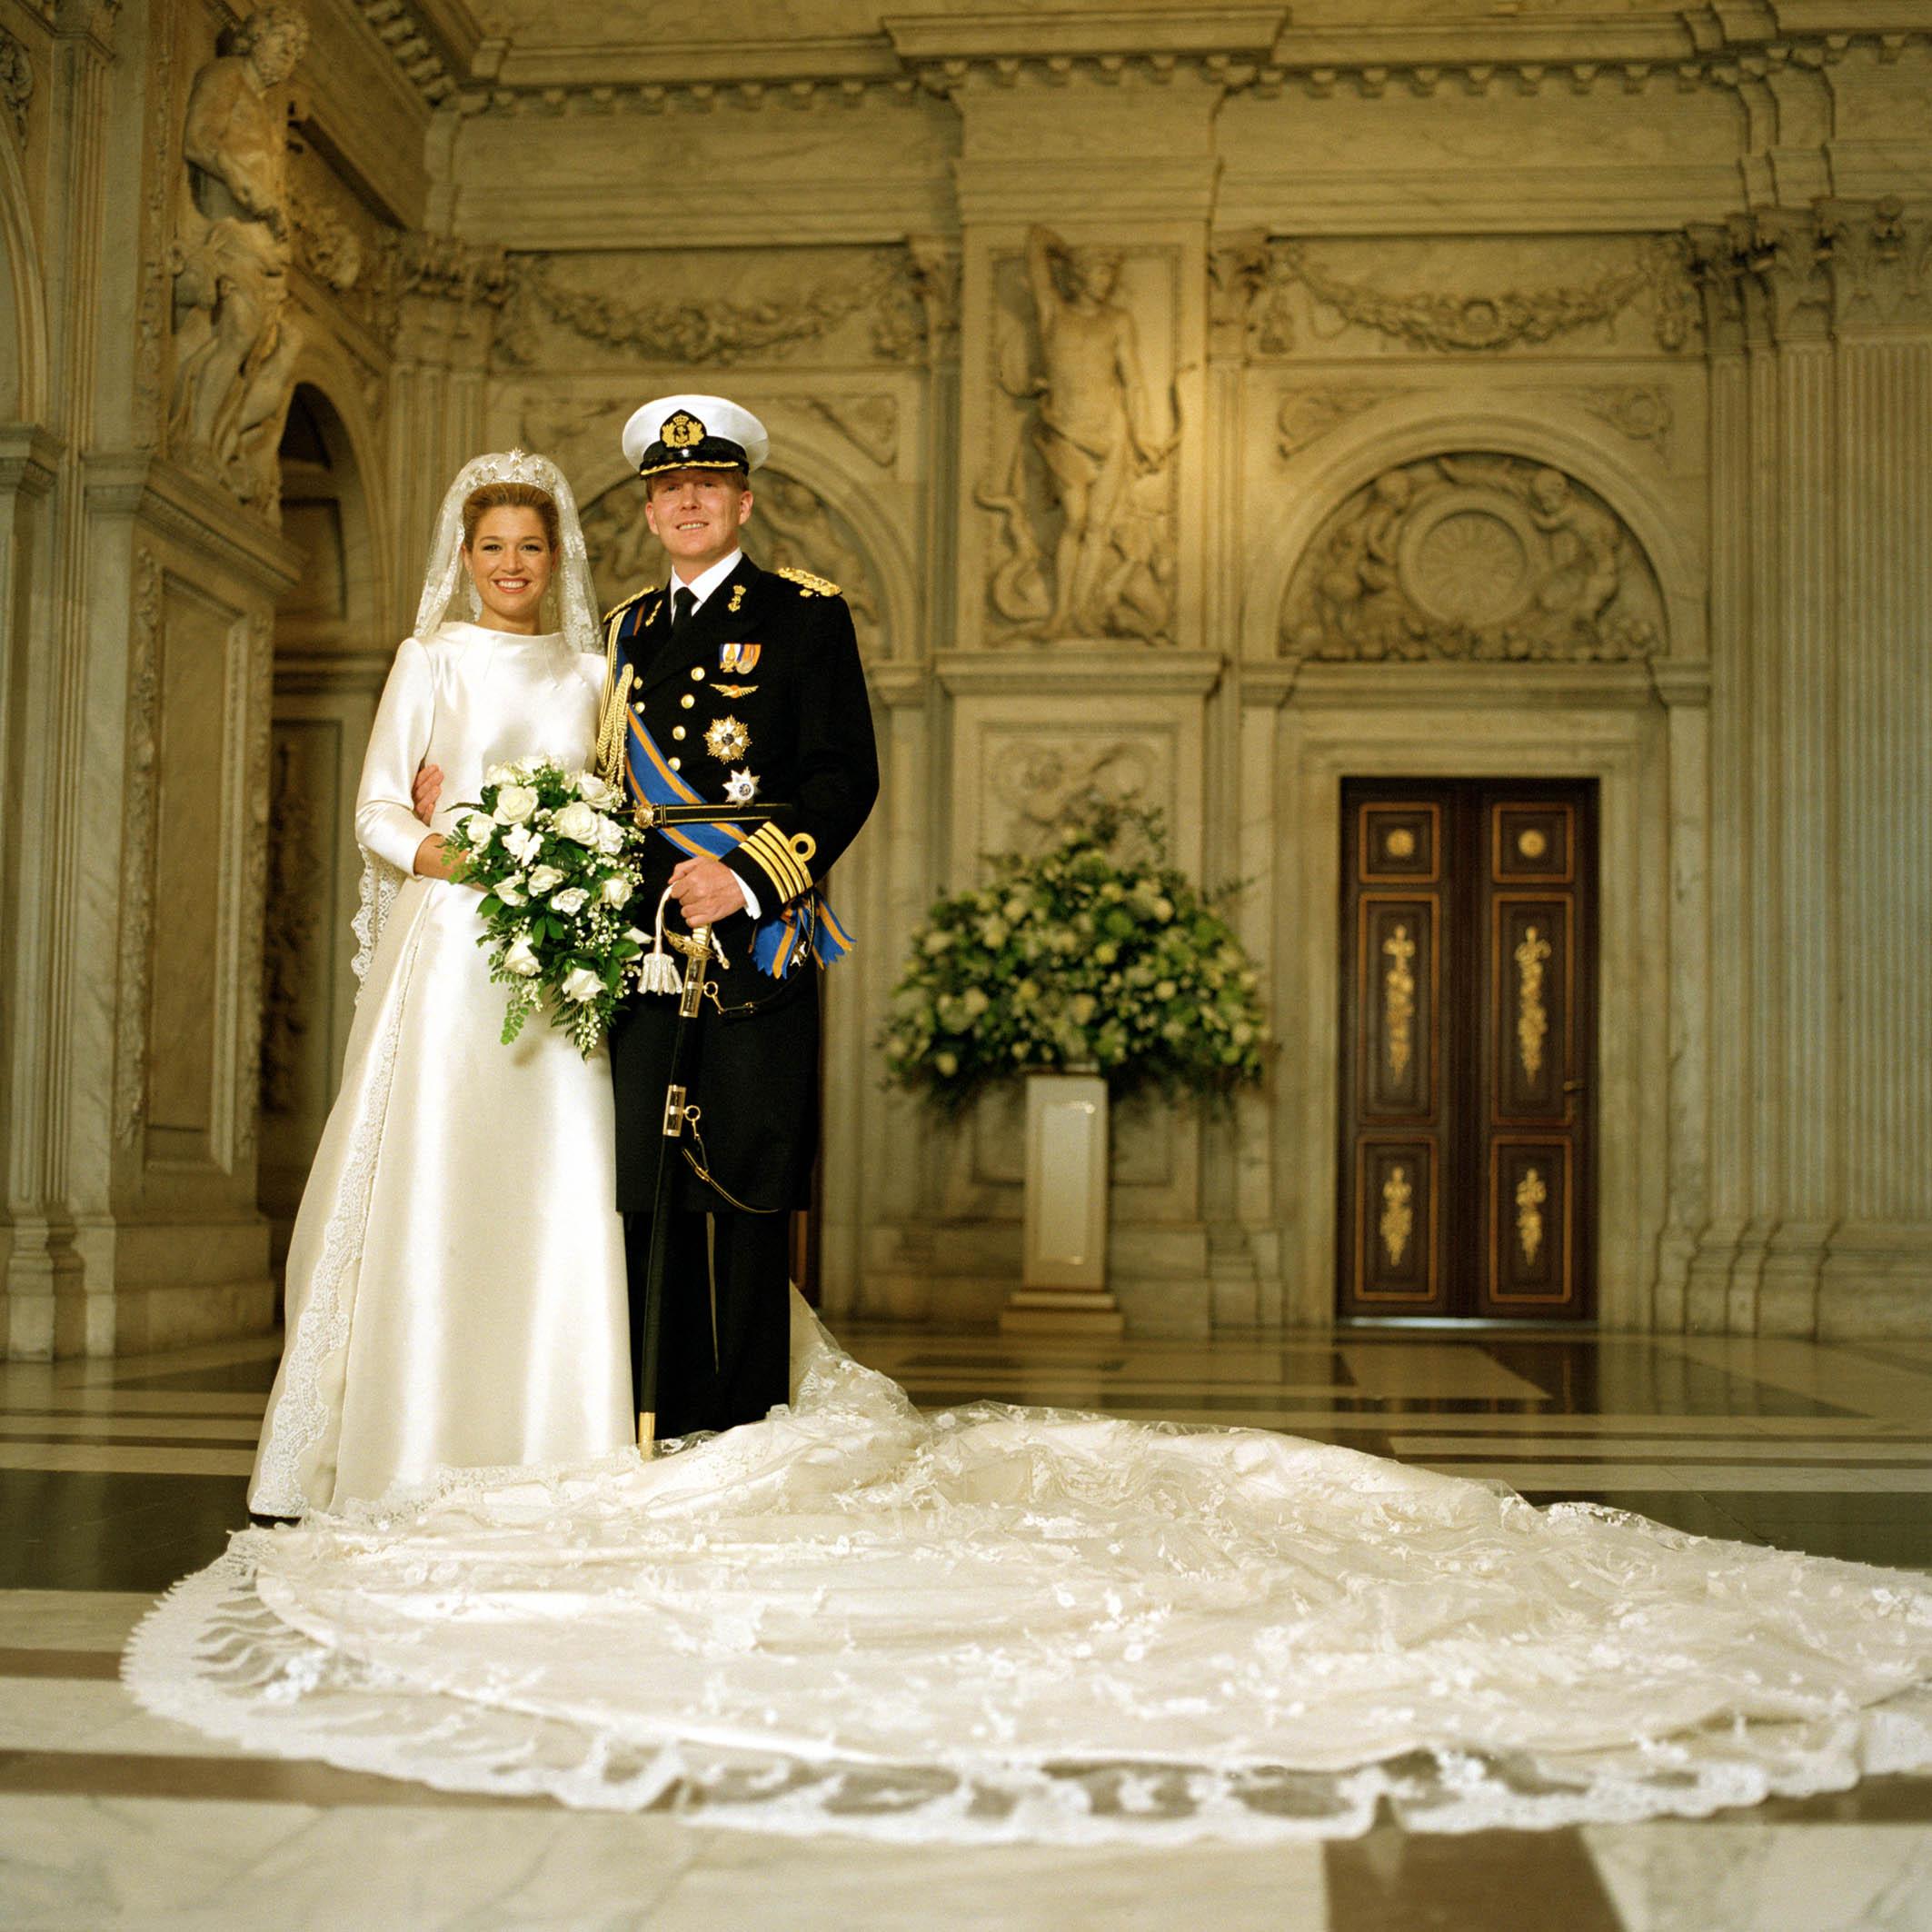 Seit 2002 sind Maxima und Willem-Alexander verheiratet. Die Hochzeit war jedoch umstritten.  © RVD - Jeroen van der Meyde